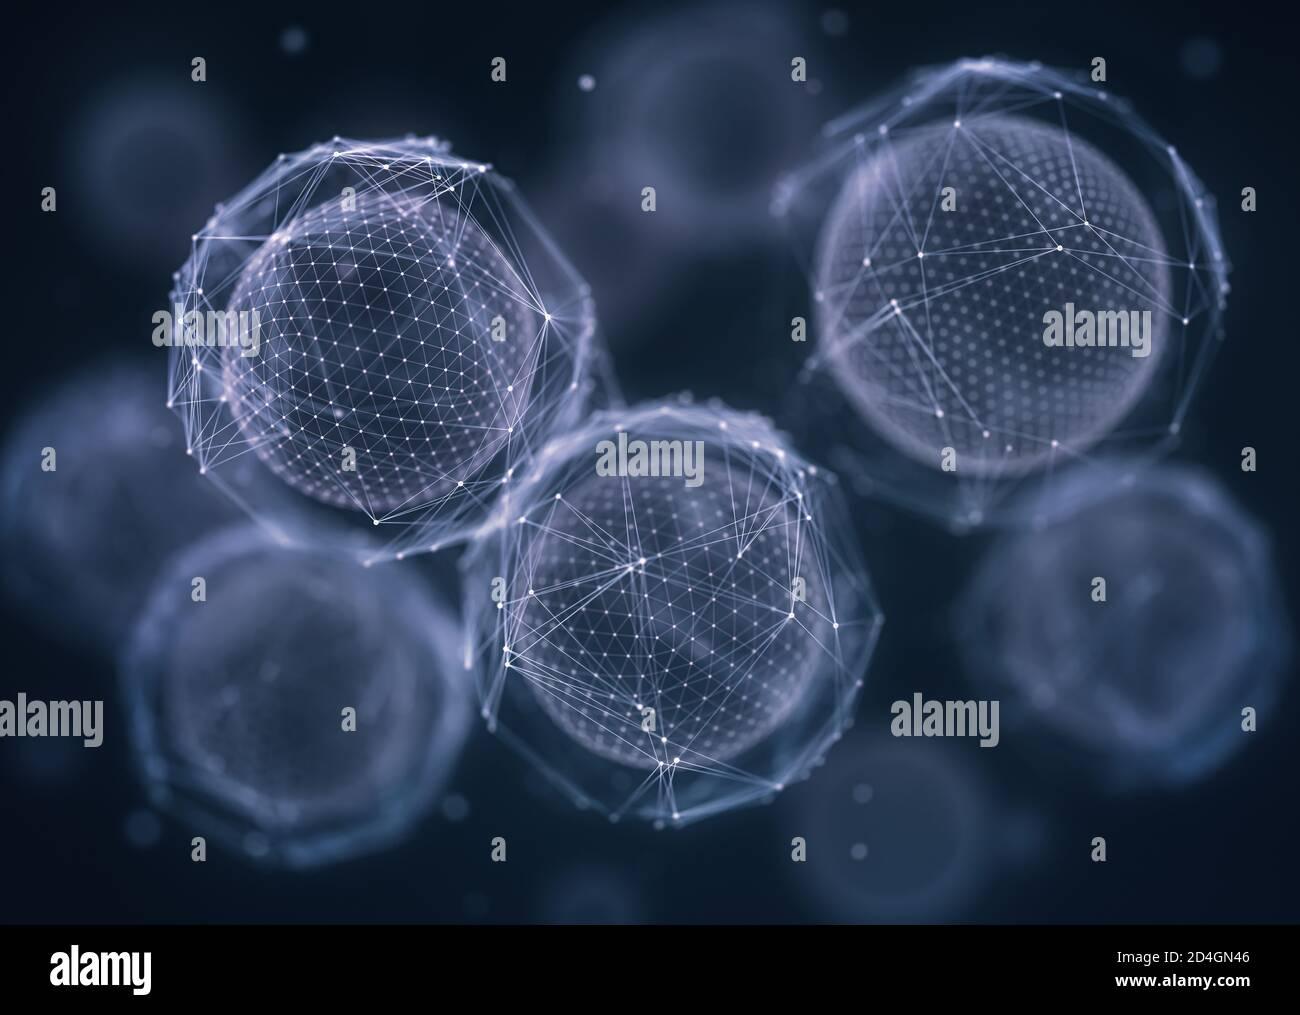 Biotecnología o biotecnología, concepto de creación, división y desarrollo celular. Alta tecnología orgánica con fines productivos. Foto de stock